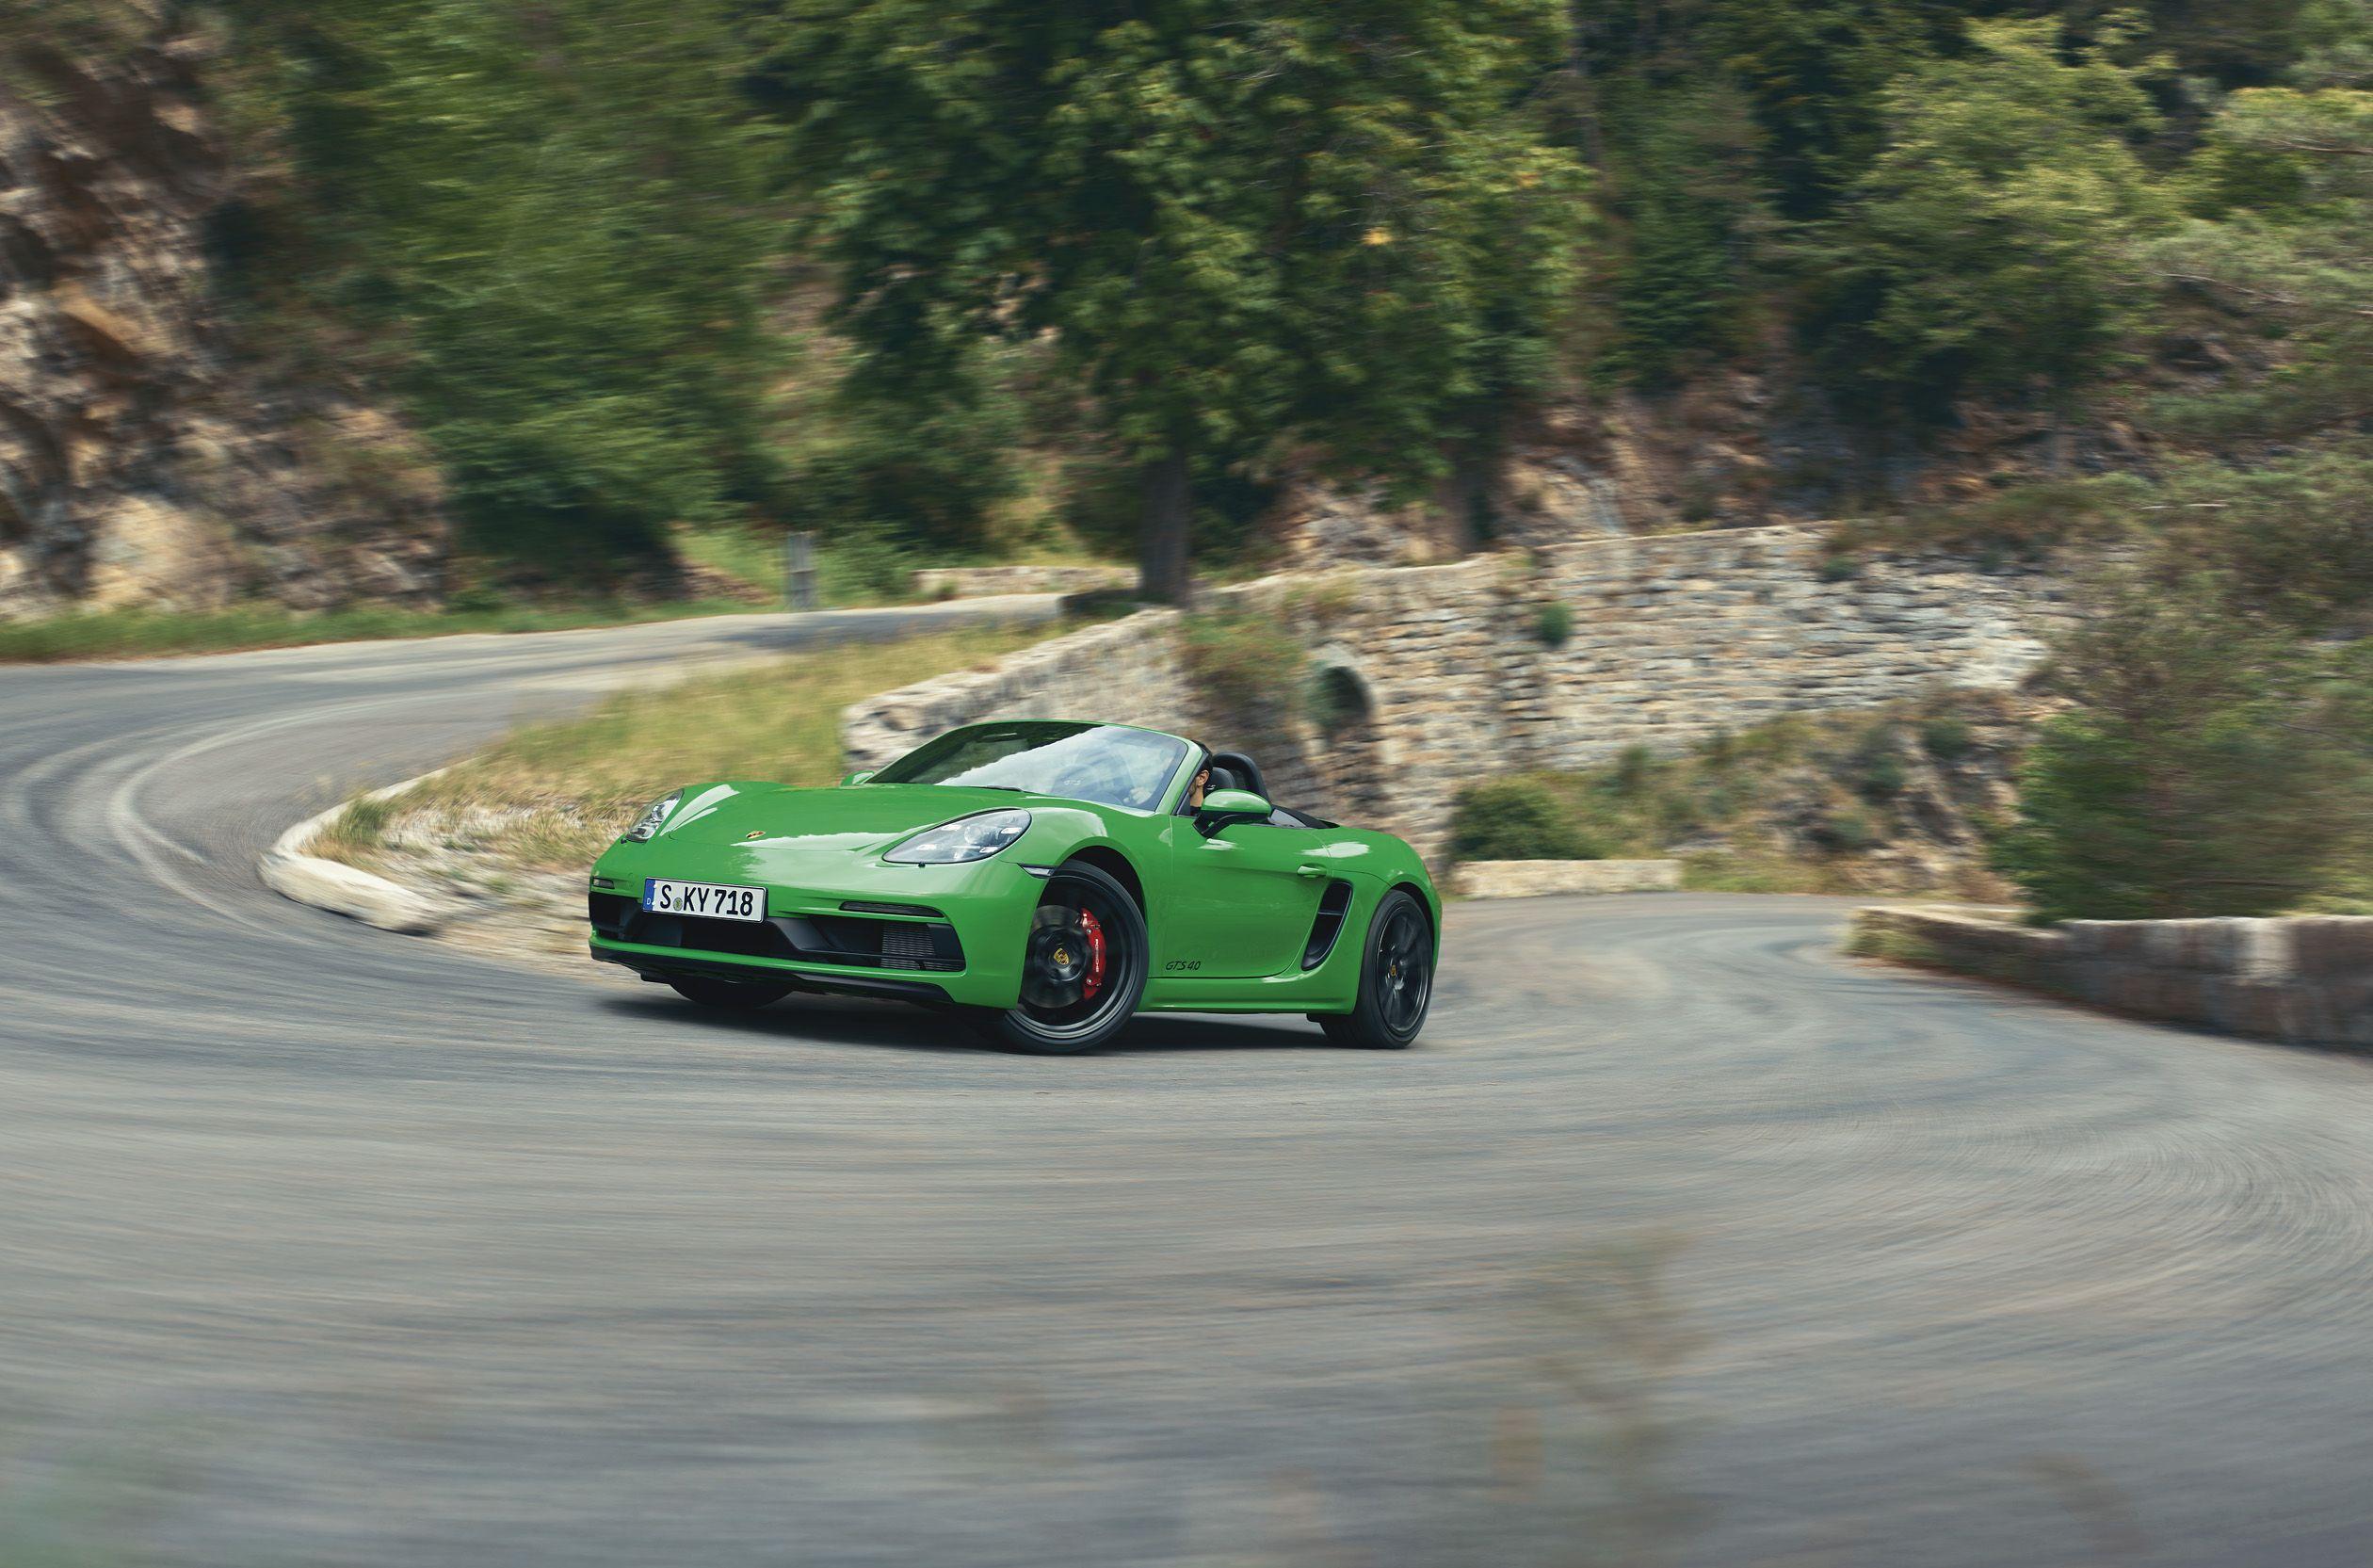 First Drive: Porsche 718 GTS 4.0